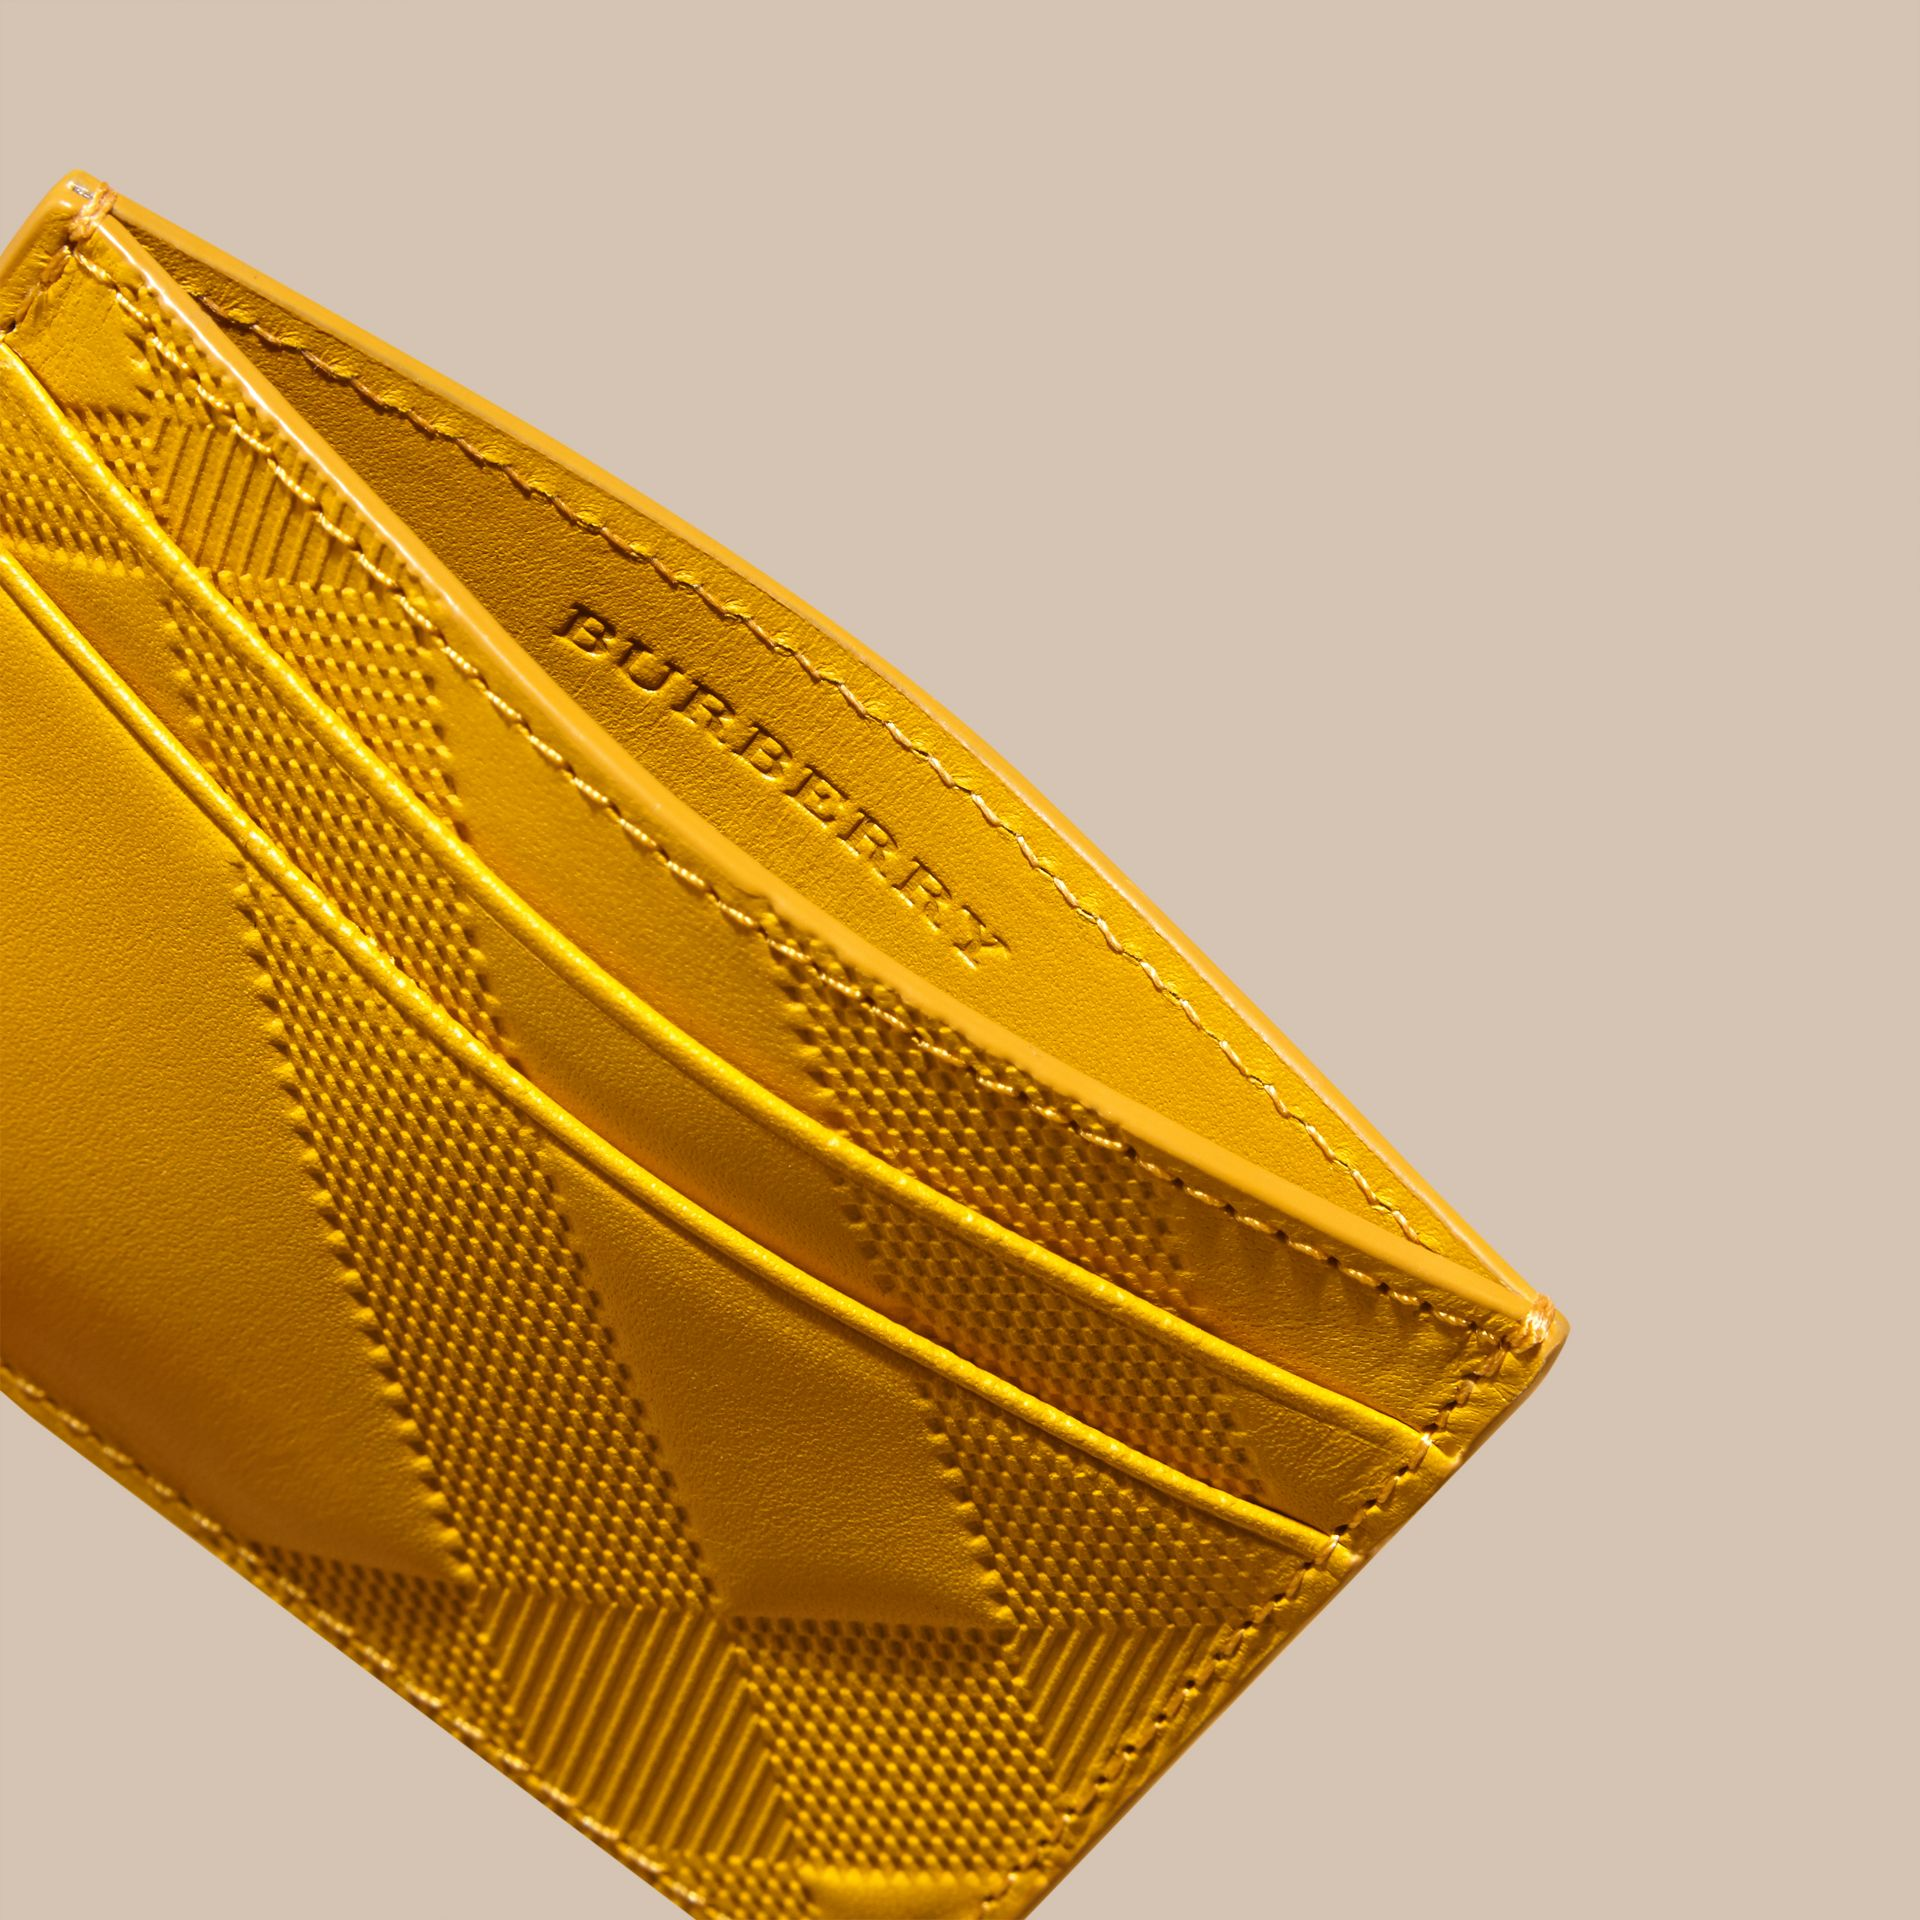 Giallo ambra Porta carte di credito in pelle con motivo check in rilievo Giallo Ambra - immagine della galleria 5